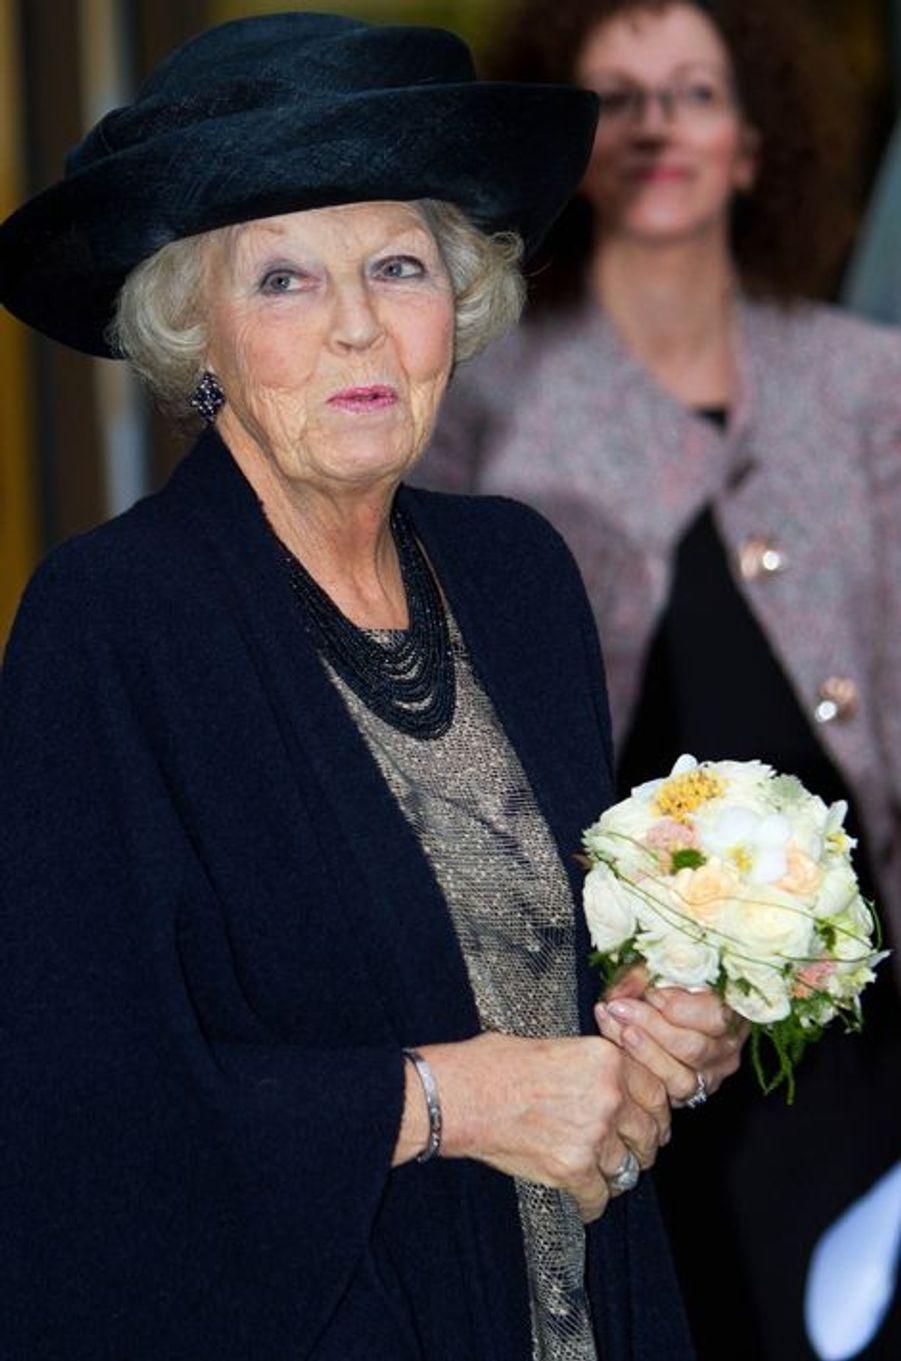 La princesse Beatrix des Pays-Bas inaugure une maison de soins à Eindhoven, le 29 octobre 2014